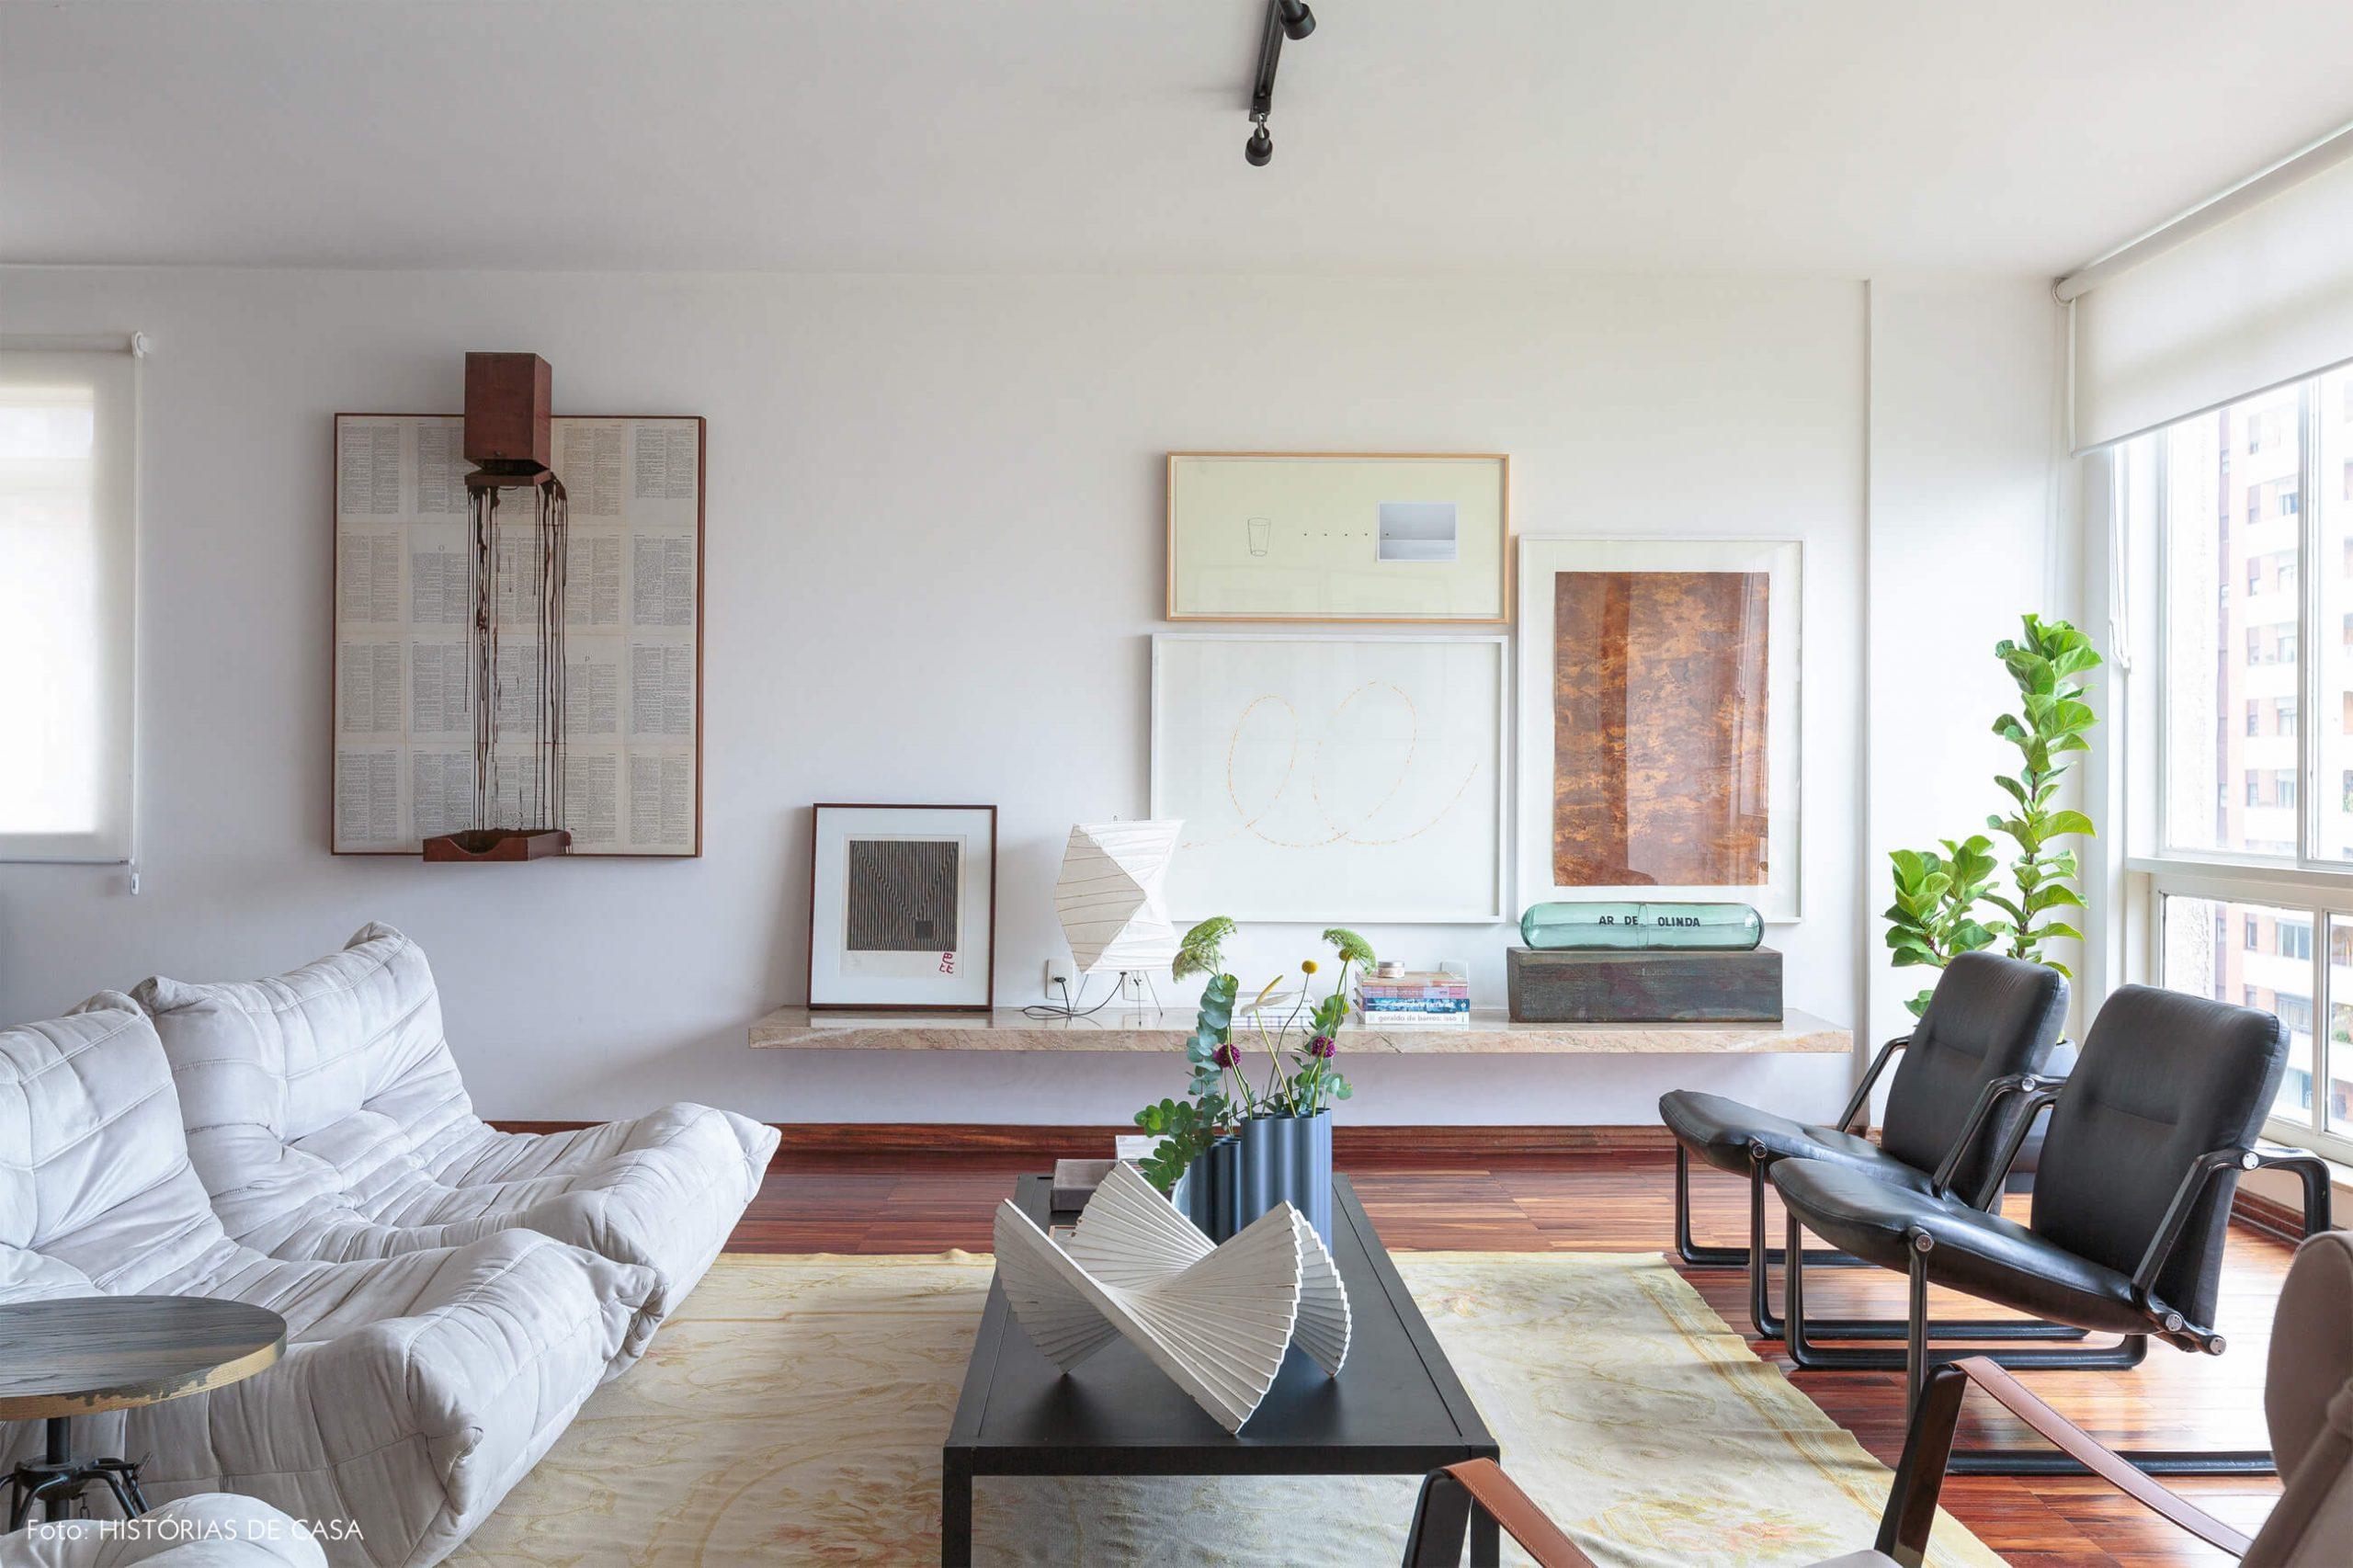 decoração sala bem iluminada com obras de arte e sofá branco